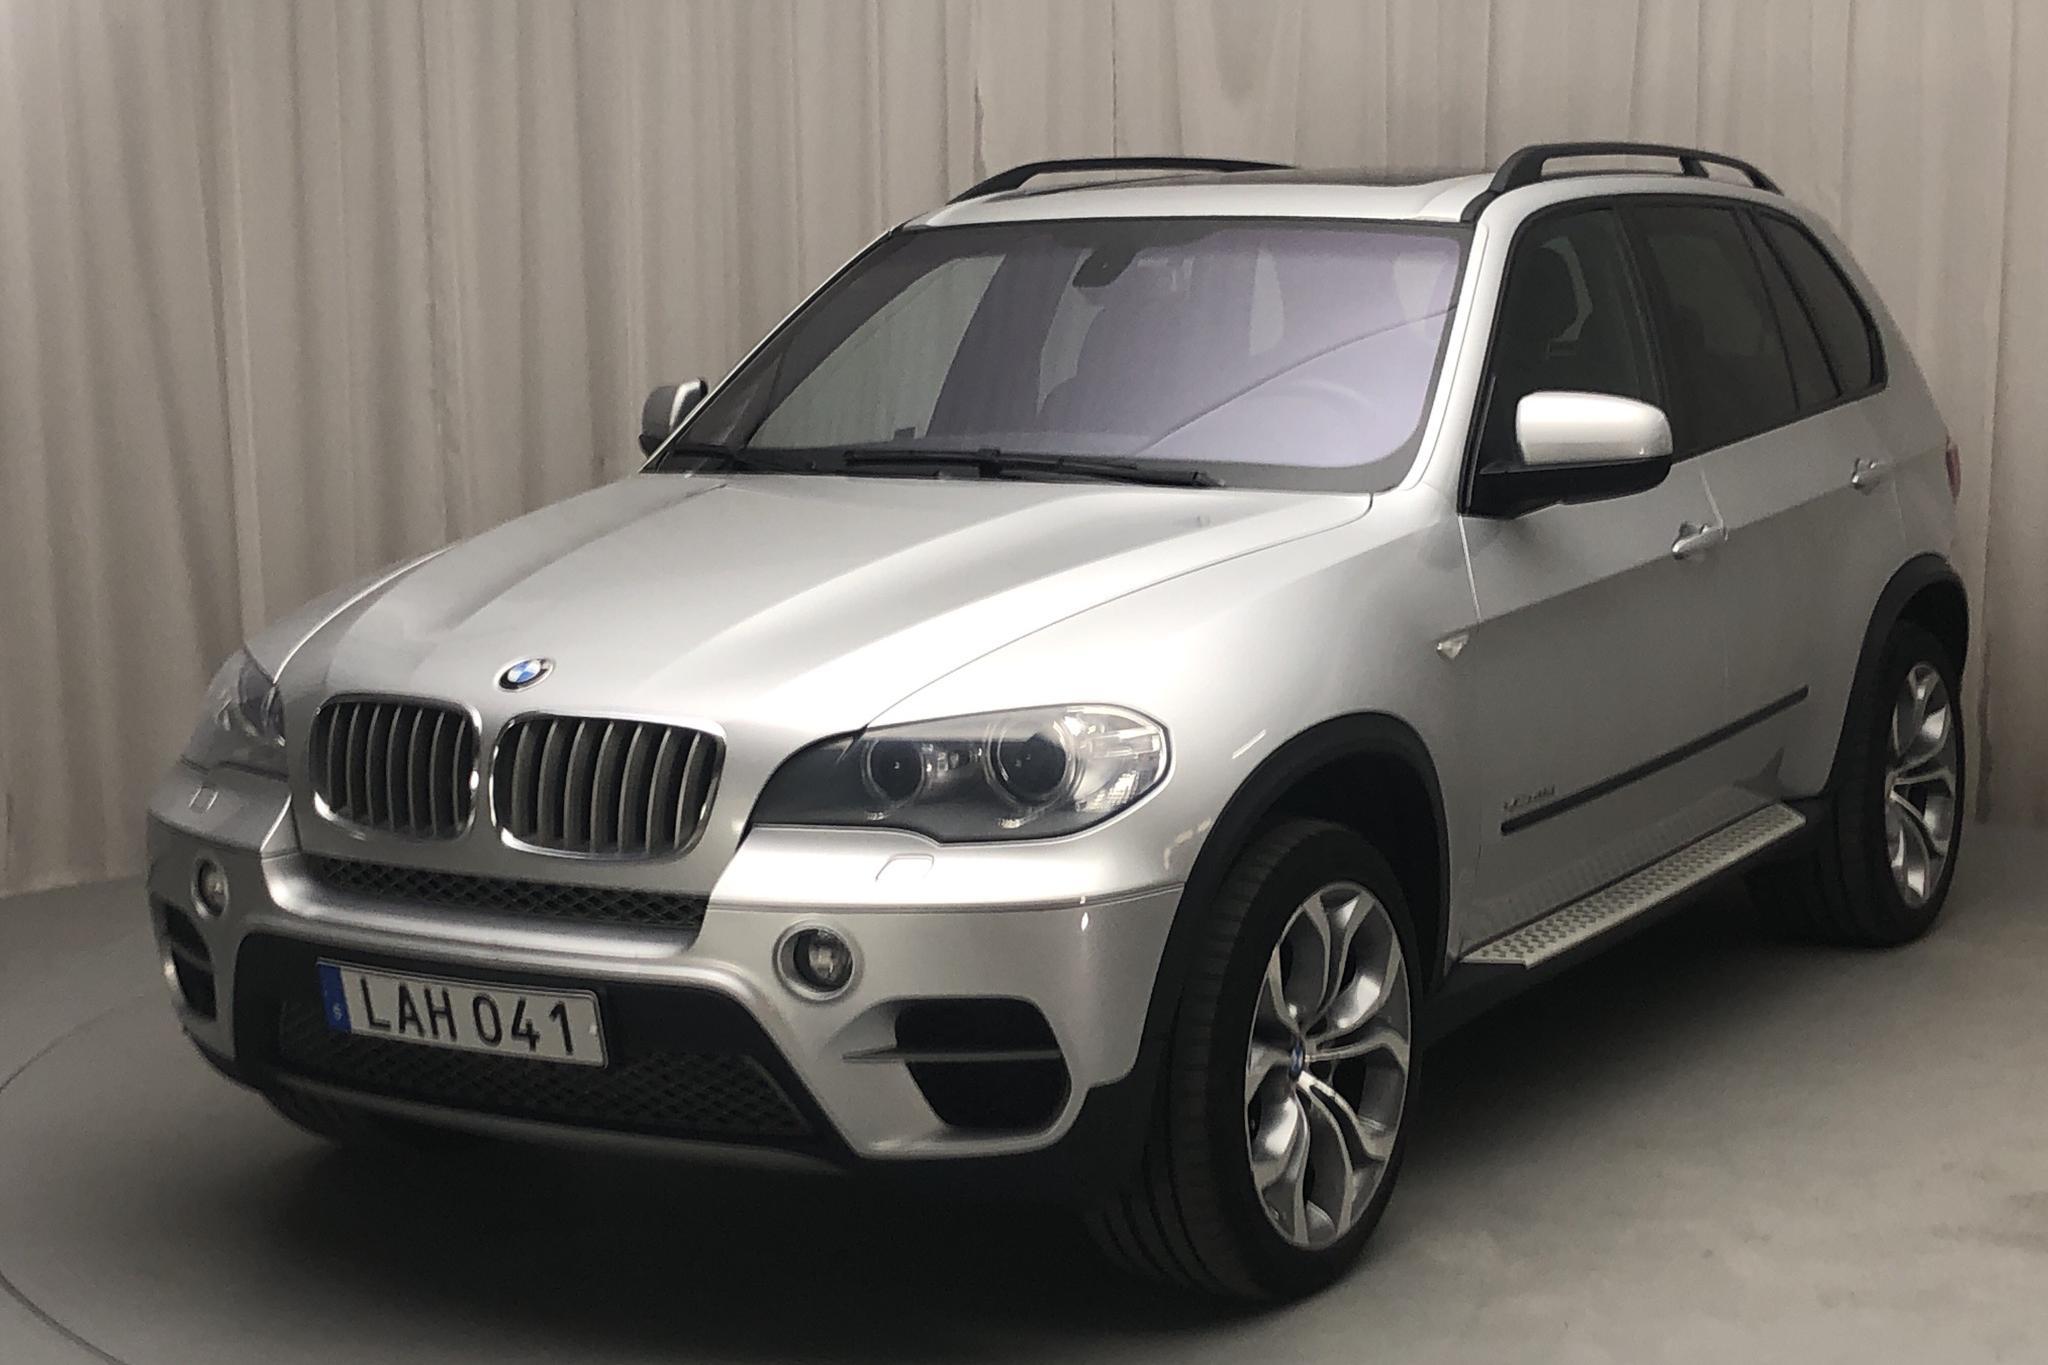 BMW X5 xDrive40d, E70 (306hk)